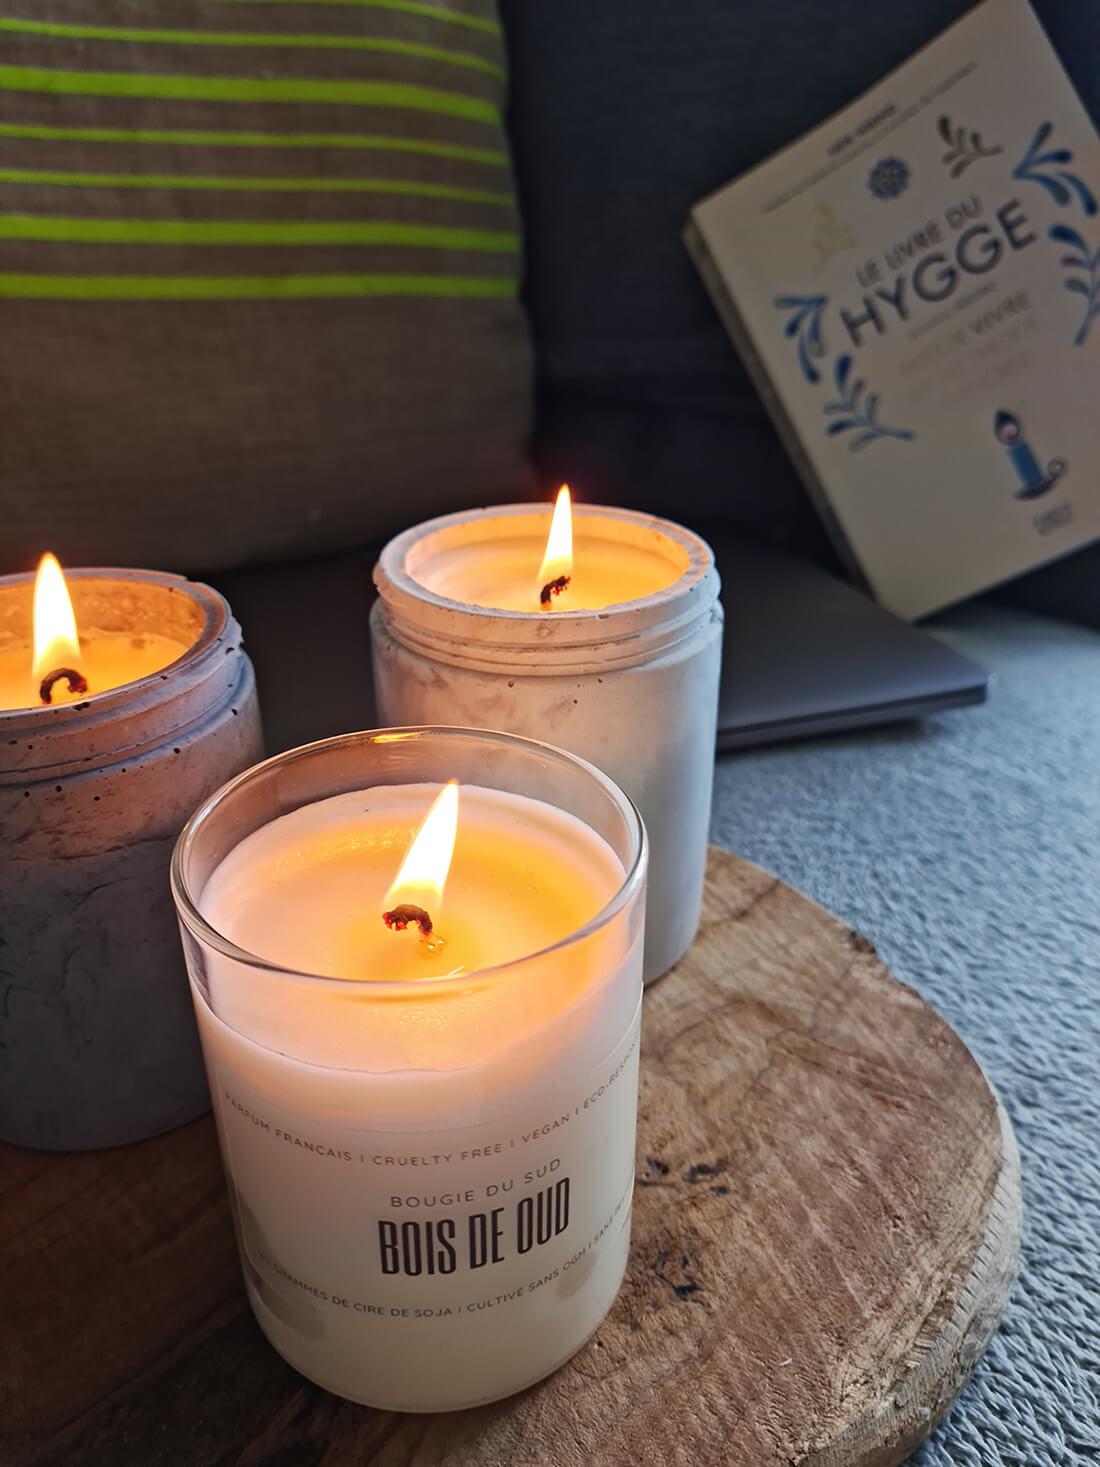 20210918 161024 - Déco Hygge : utiliser la bougie pour créer une ambiance cosy